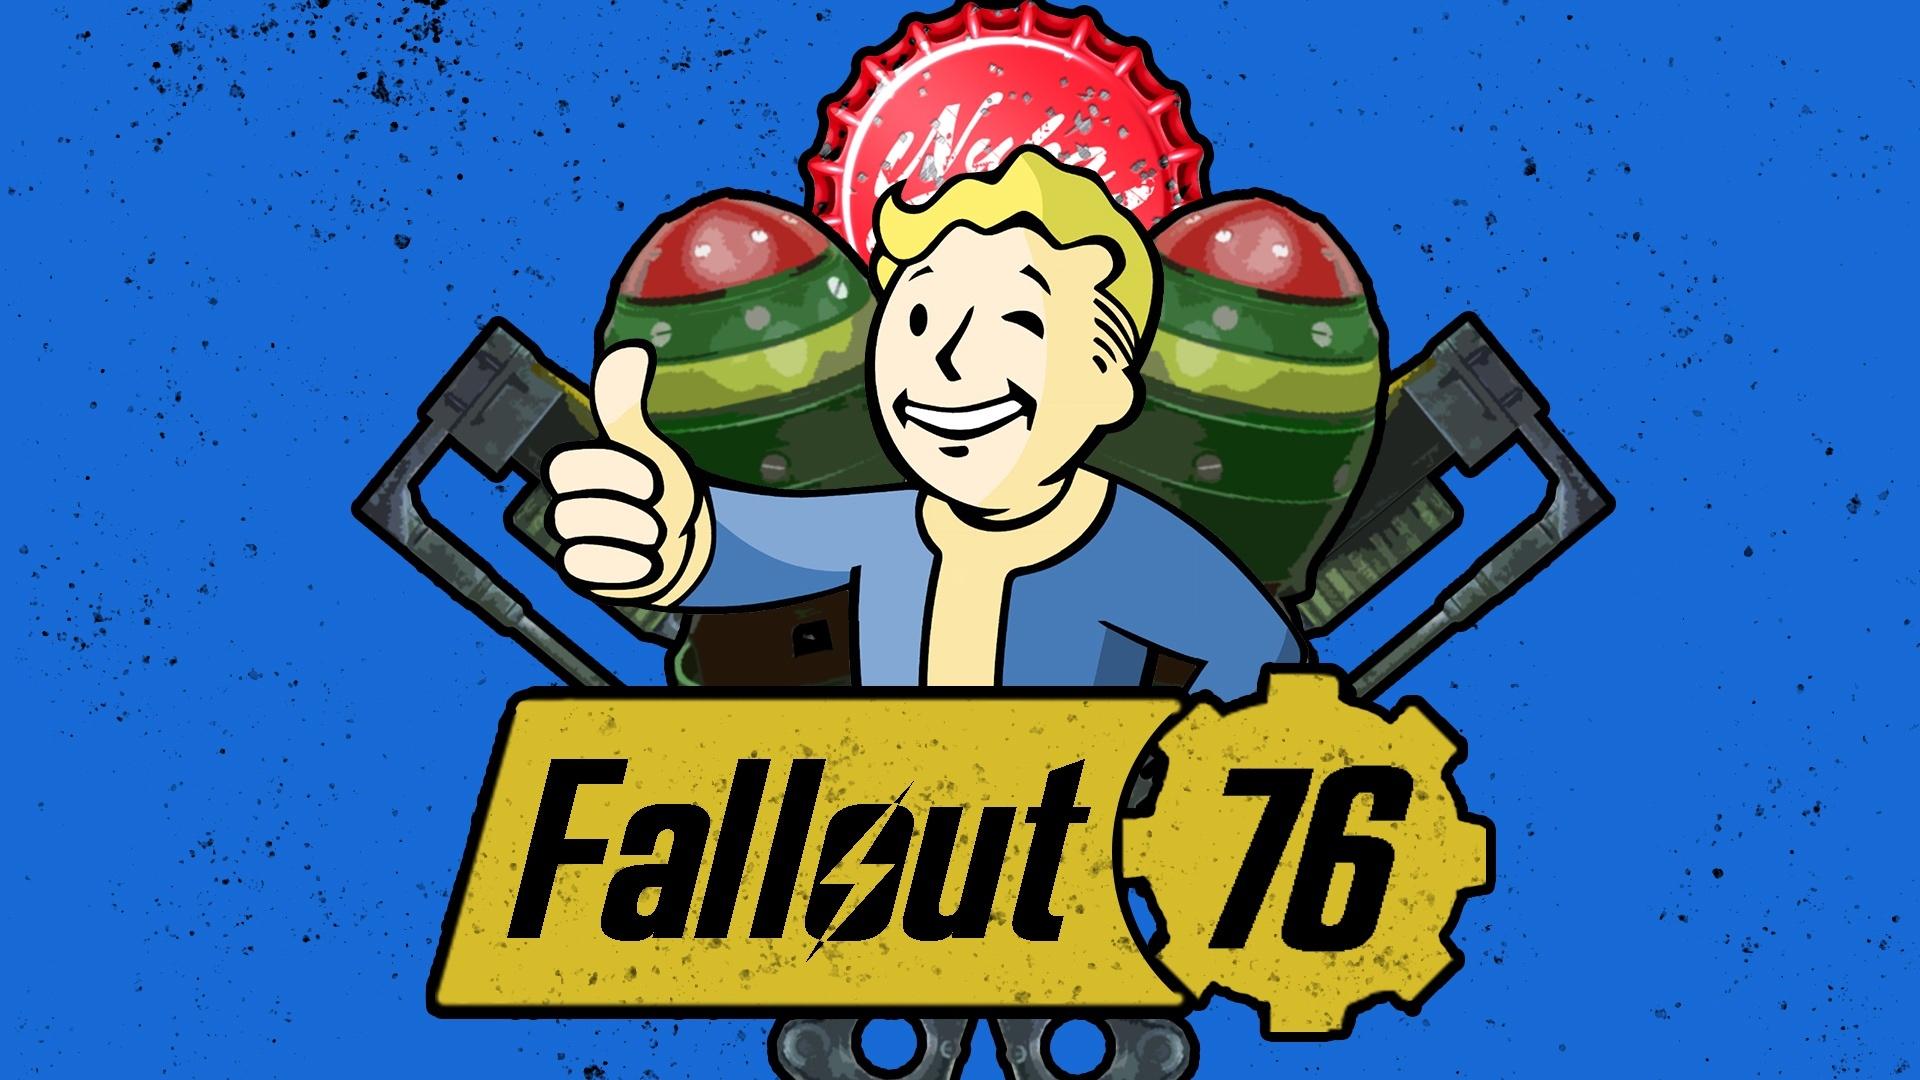 Fallout 76: disponibile la nuova patch 1 0 3 10 per PC e console